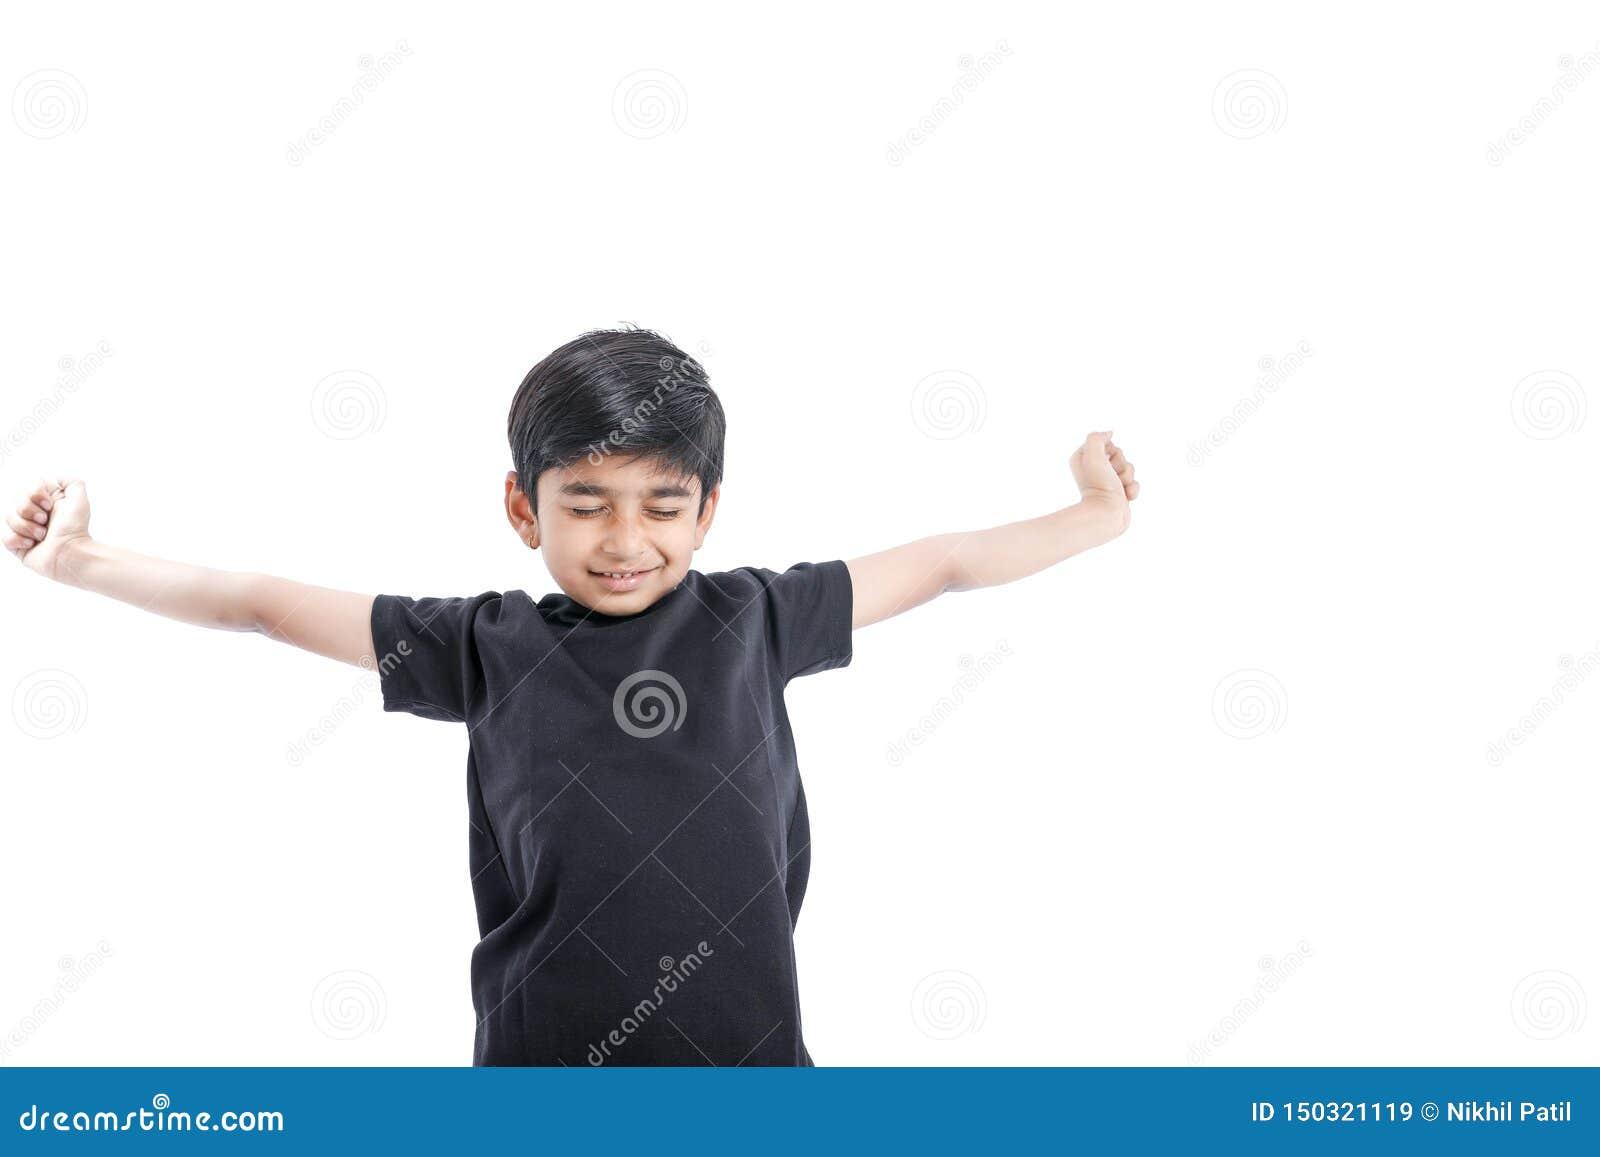 快乐的印度小男孩